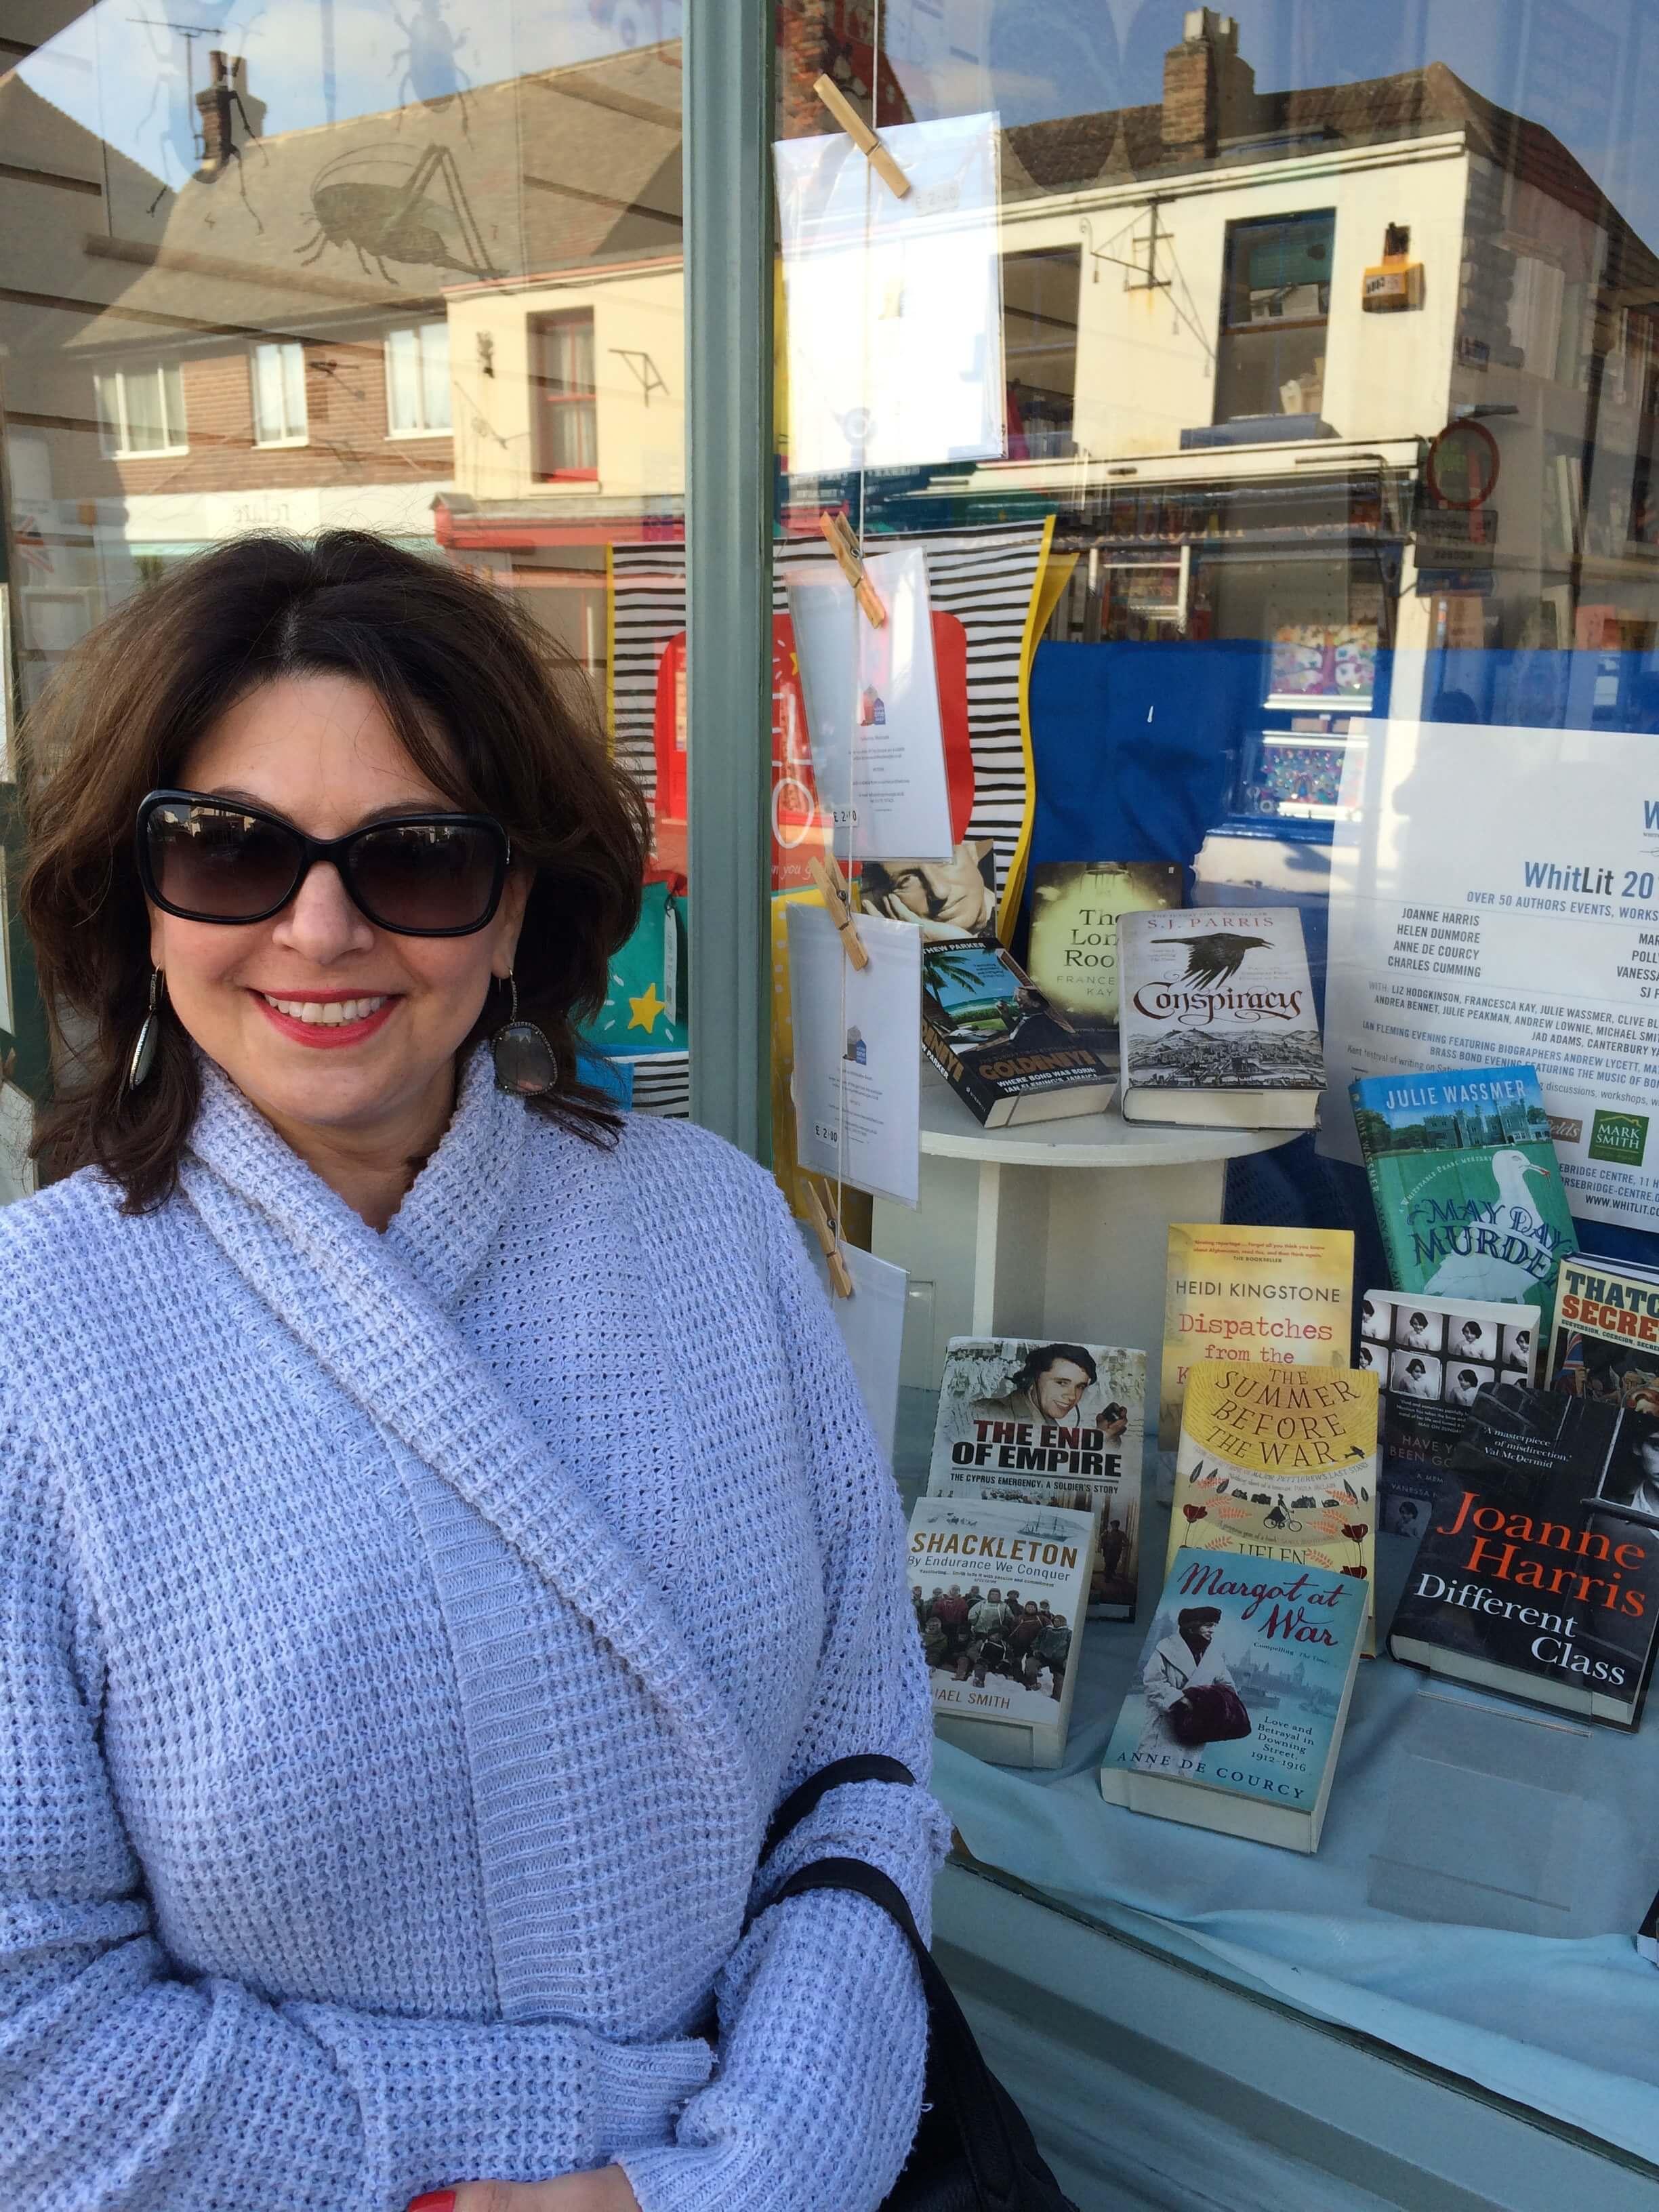 heidi kingstone whitlit whitstable literary festival